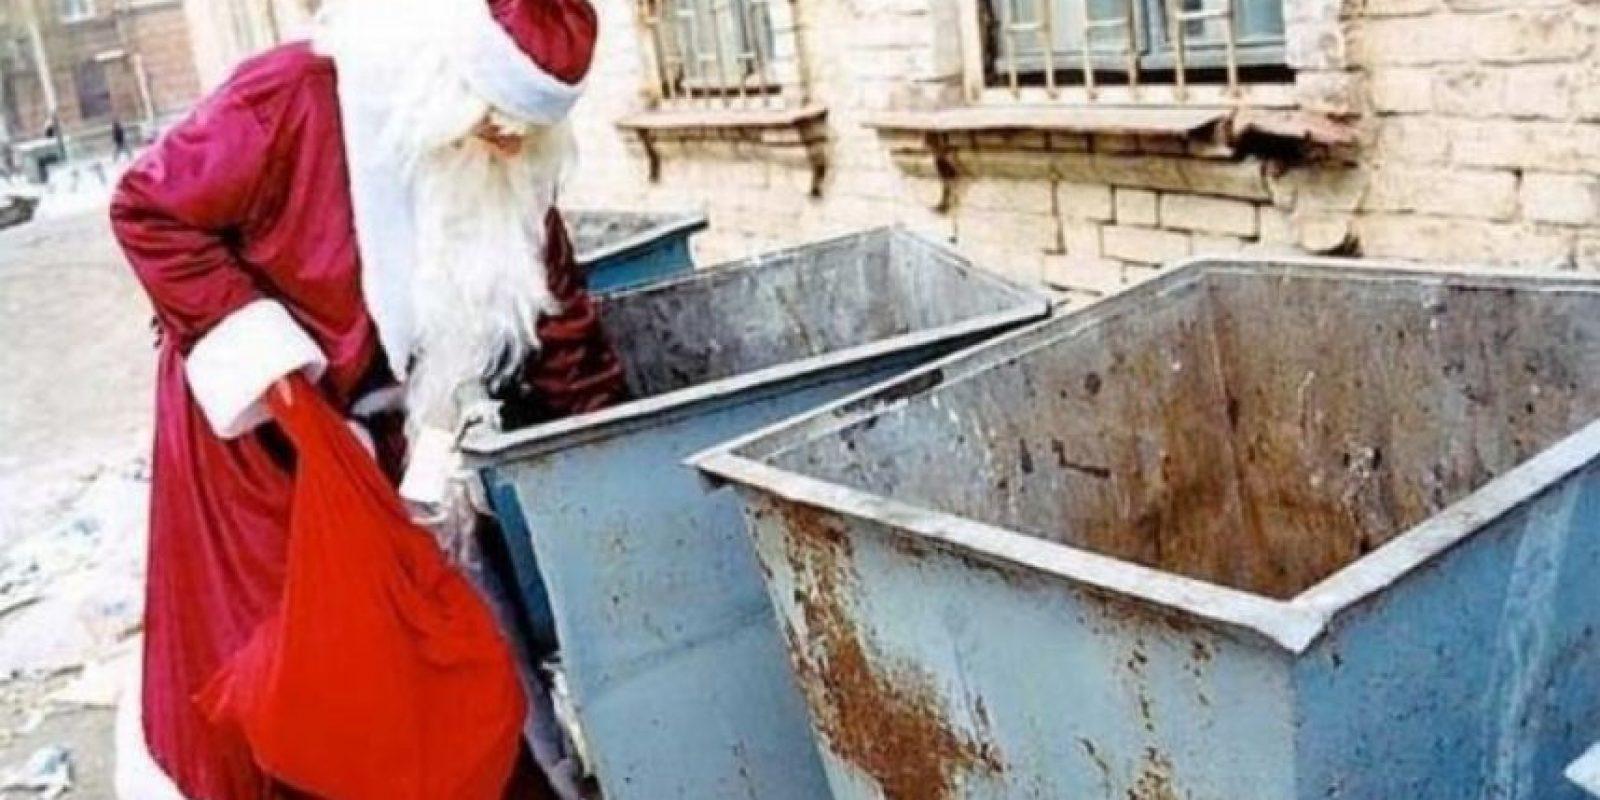 Es la escena más triste que podrían ver de Santa Foto:Tumblr.com/Tagged/Santa